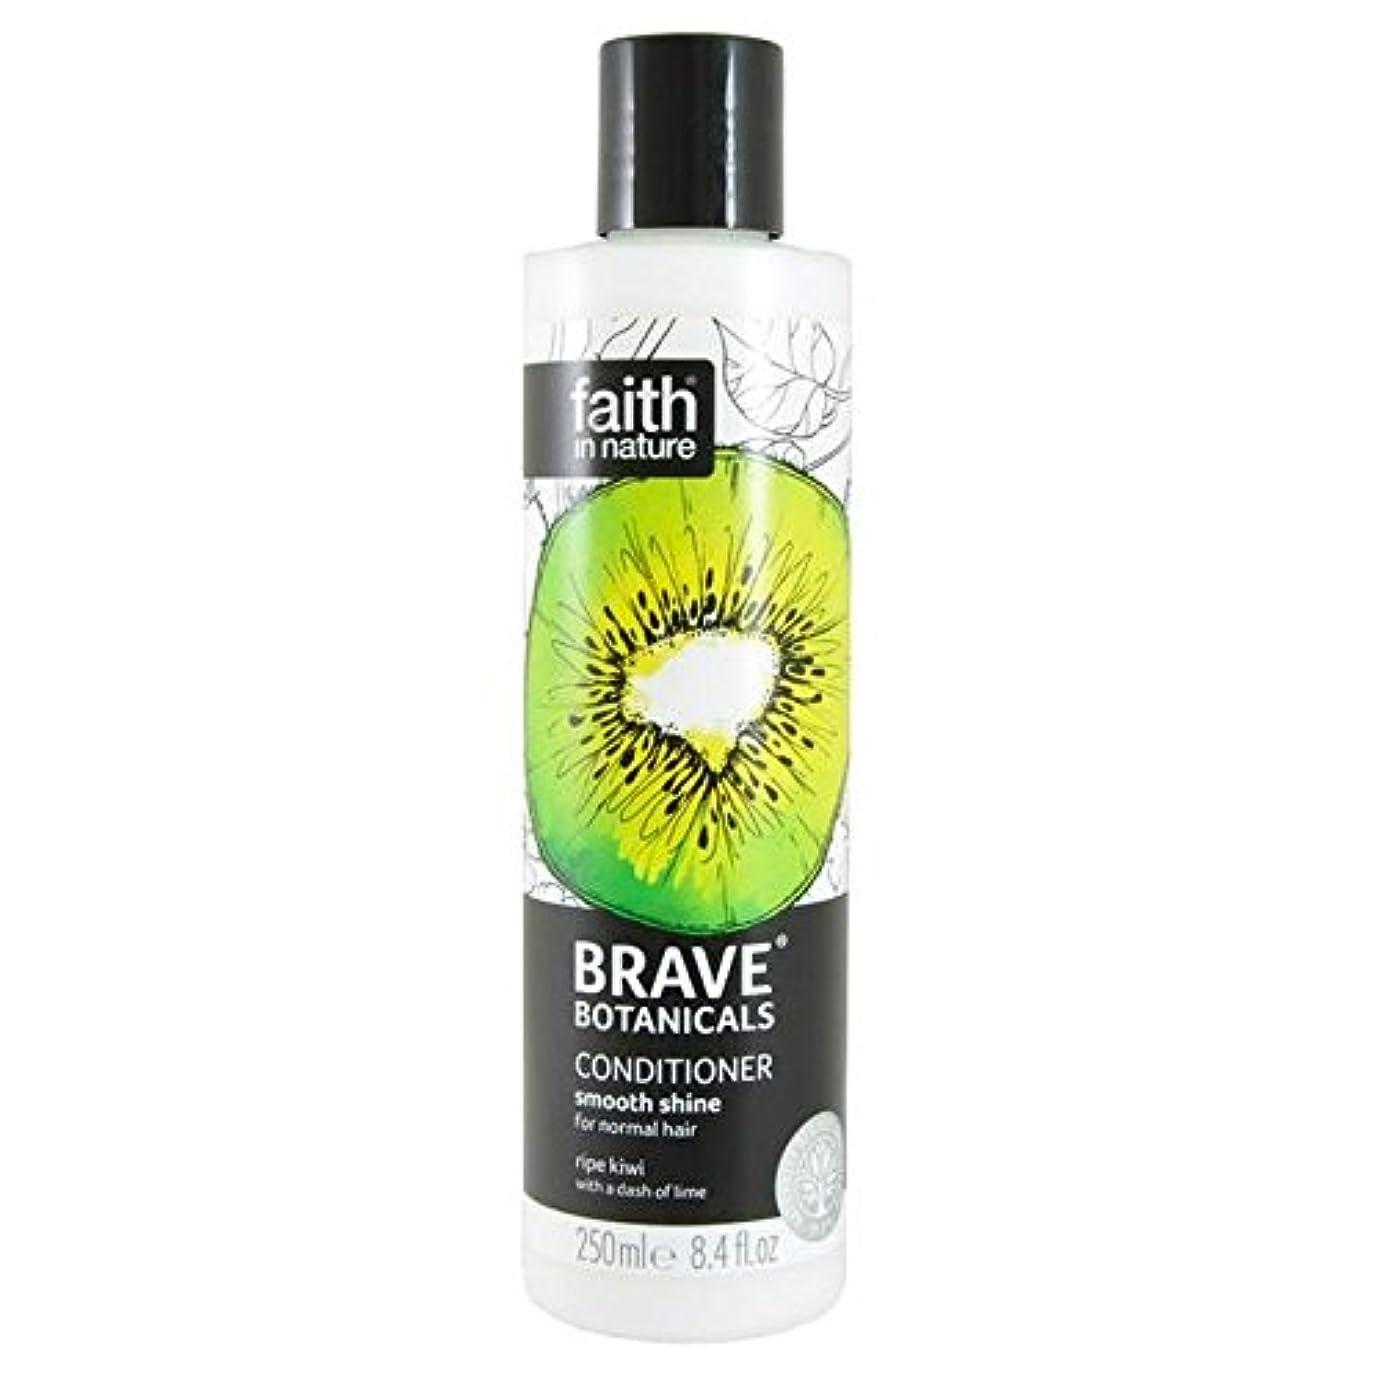 拮抗する採用アーティストBrave Botanicals Kiwi & Lime Smooth Shine Conditioner 250ml (Pack of 4) - (Faith In Nature) 勇敢な植物キウイ&ライムなめらかな輝...